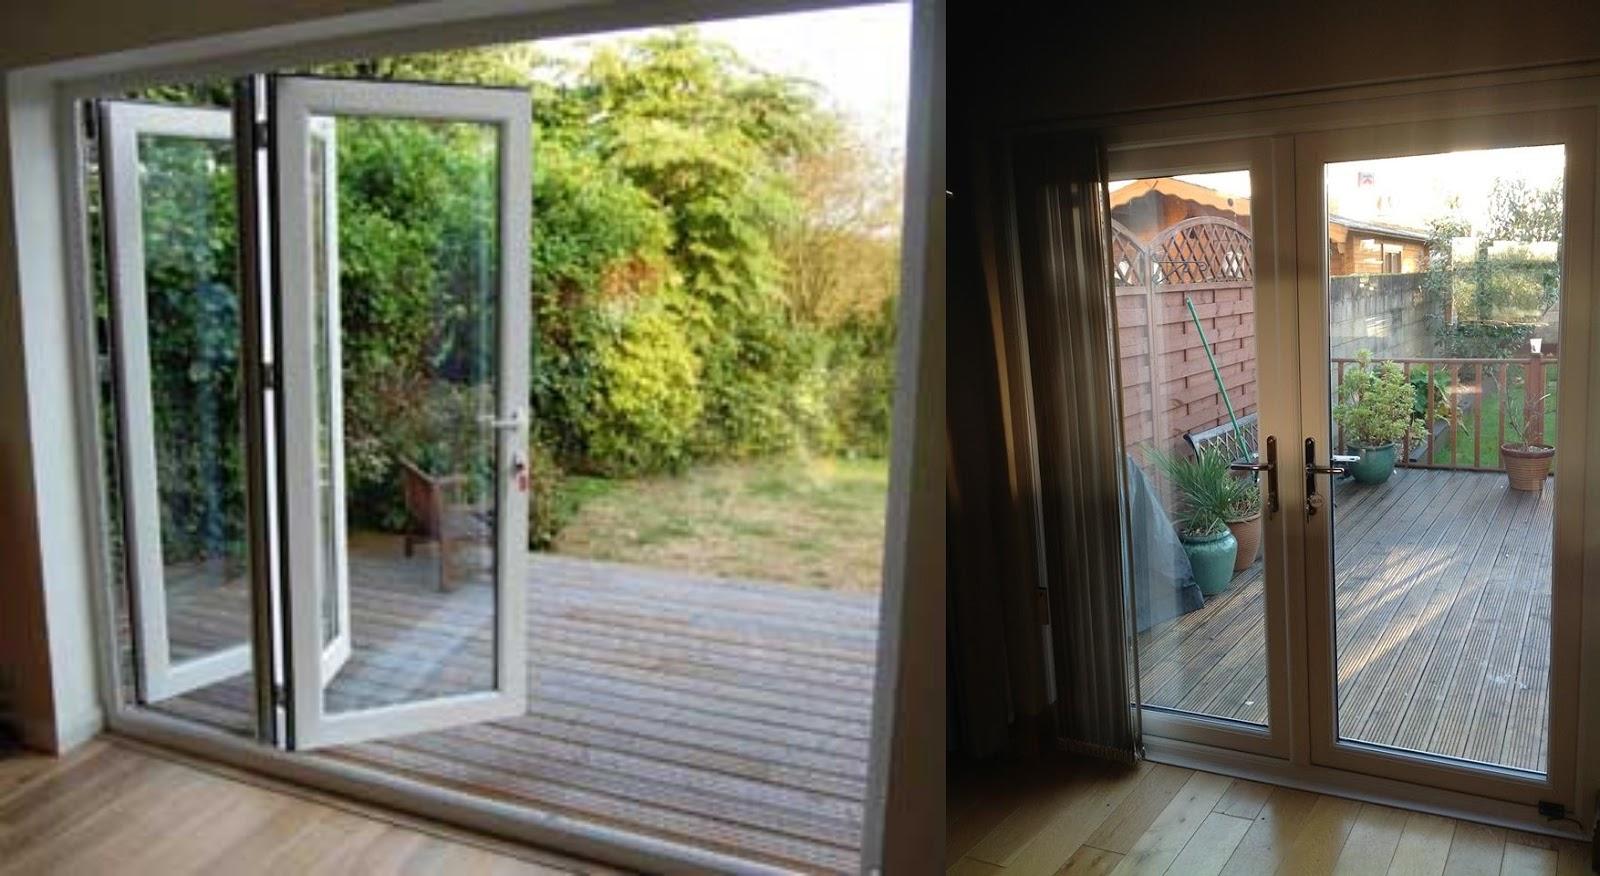 Harvest bi fold doors vs french doors for Folding french doors